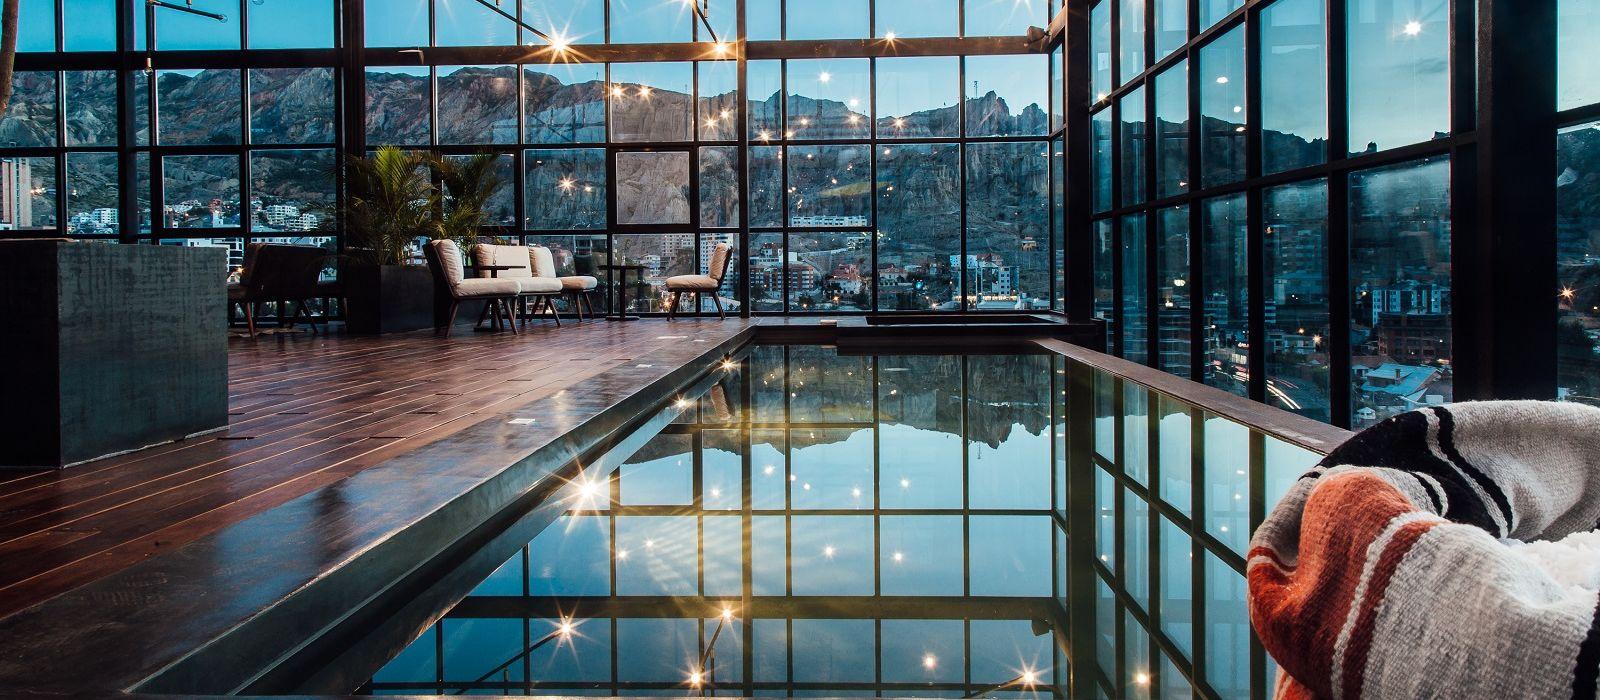 Hotel Atix  Bolivia